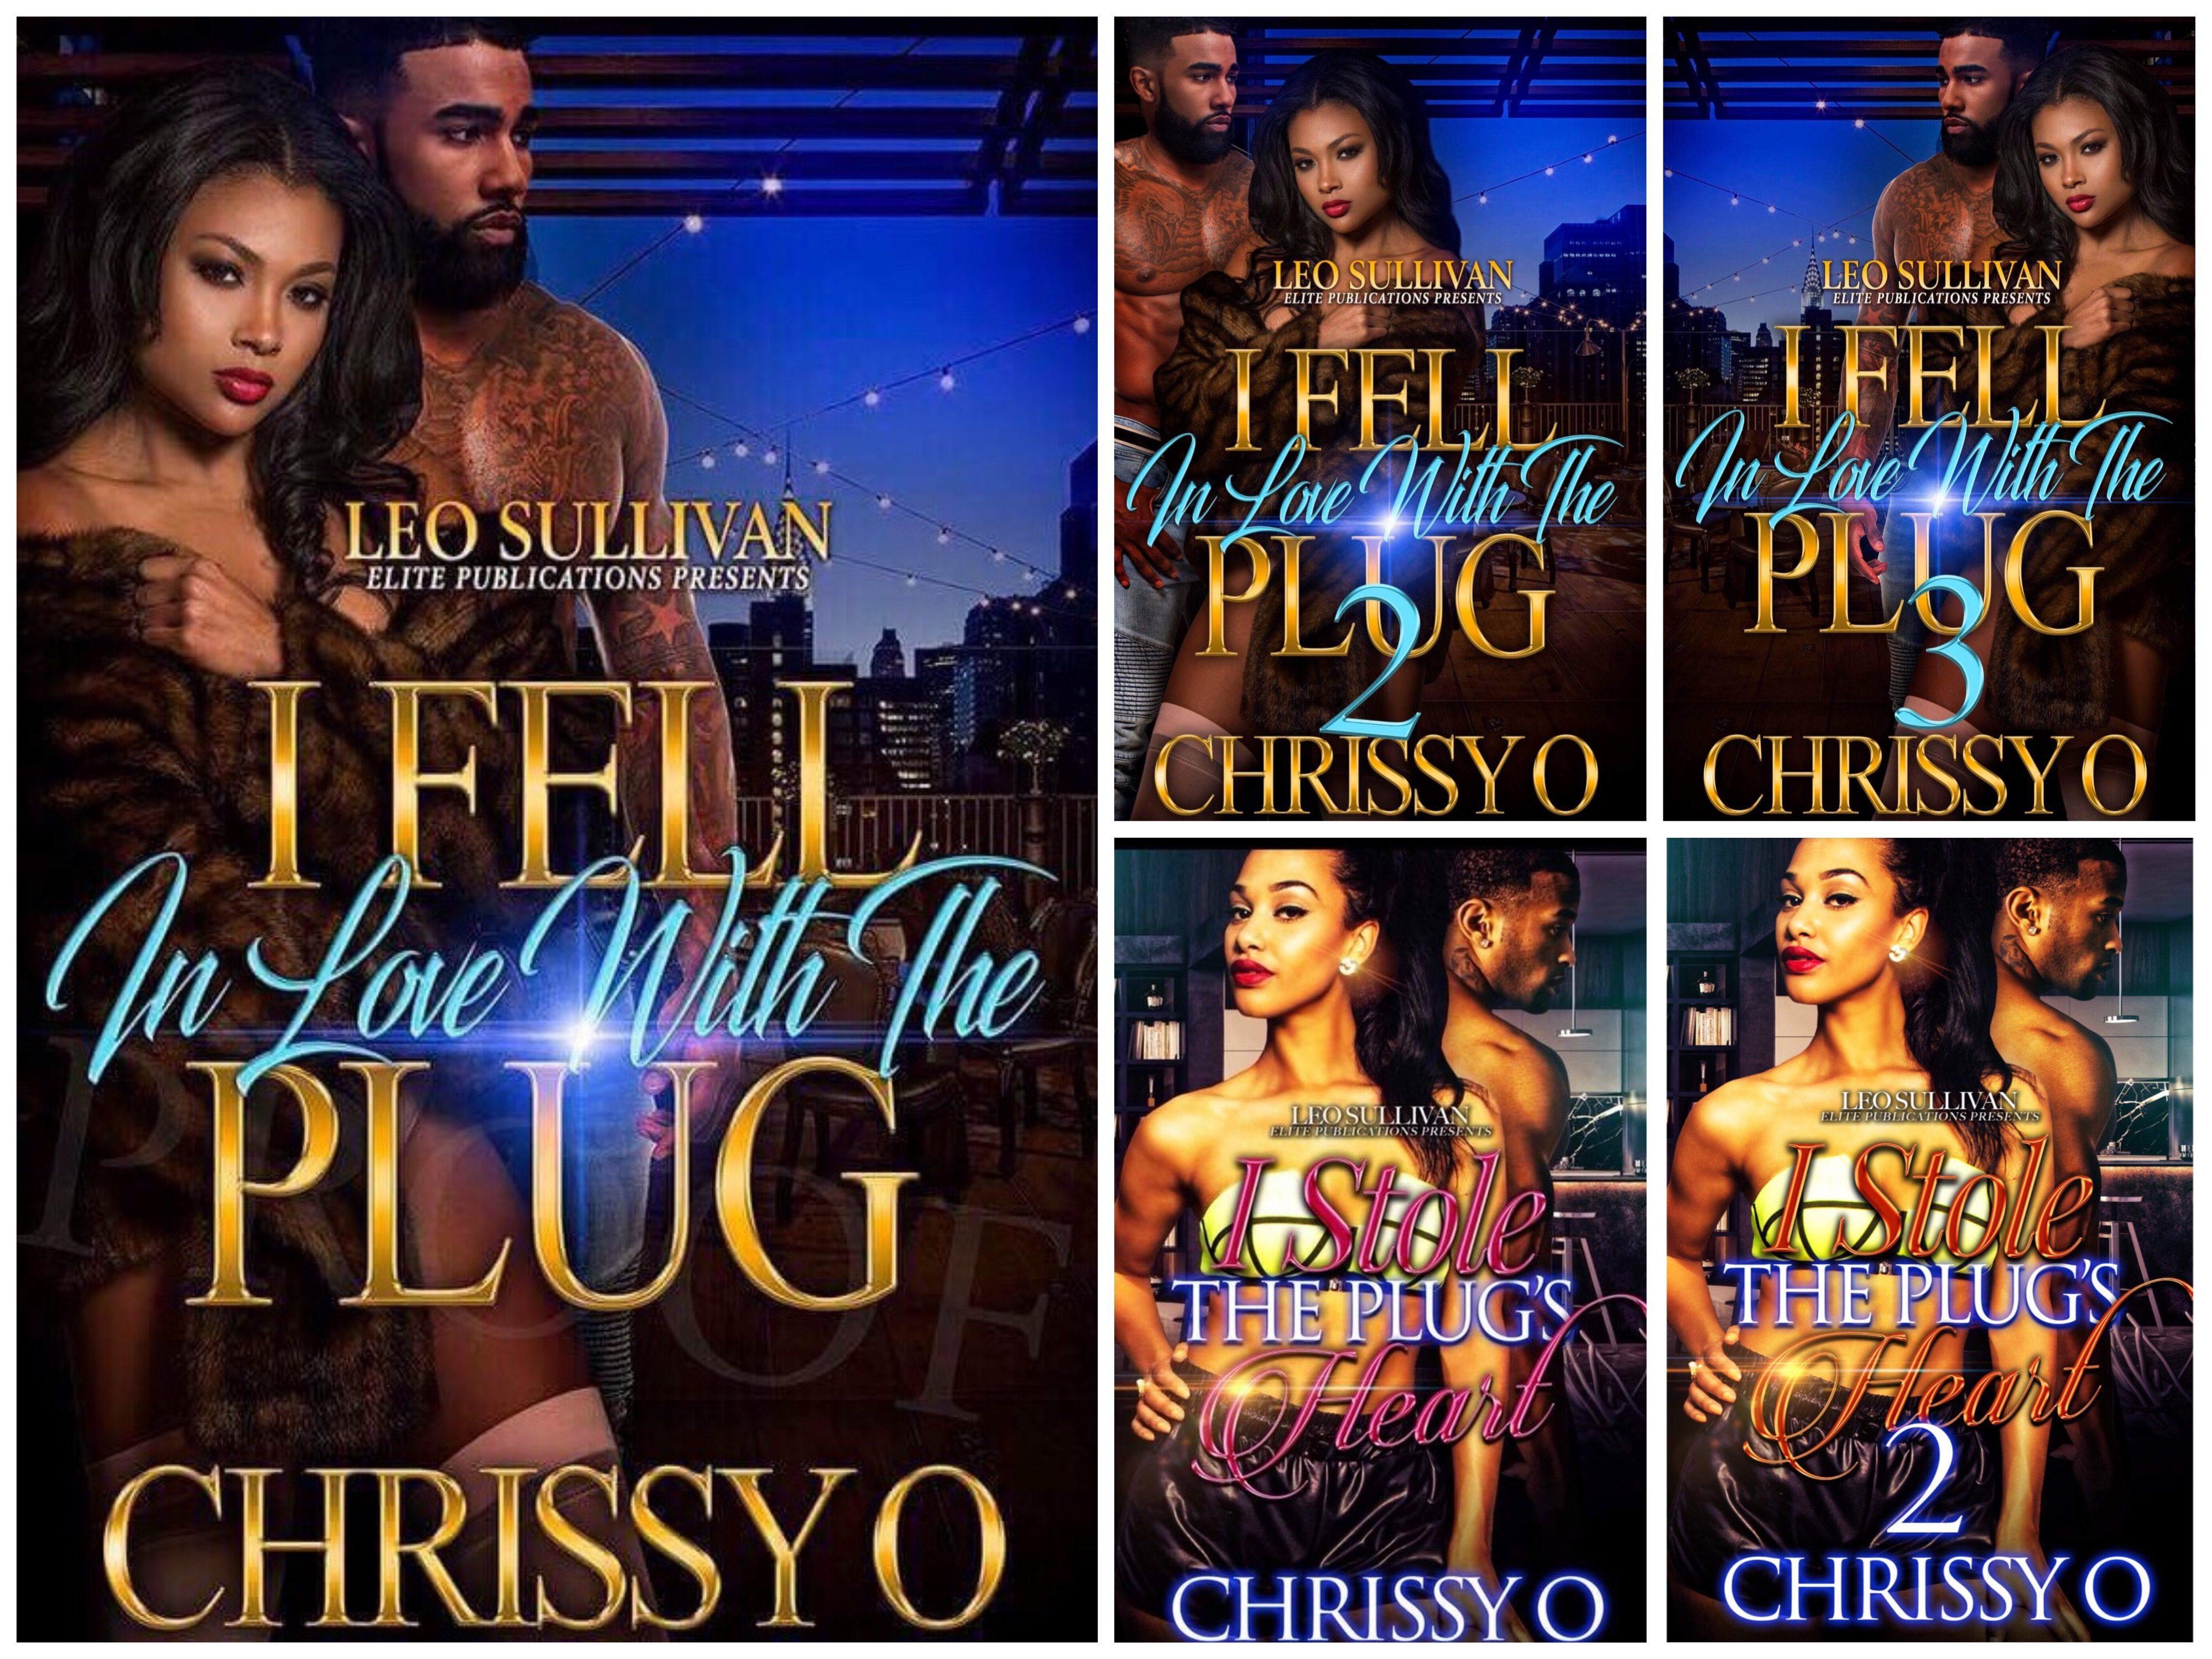 Author Chrissy O